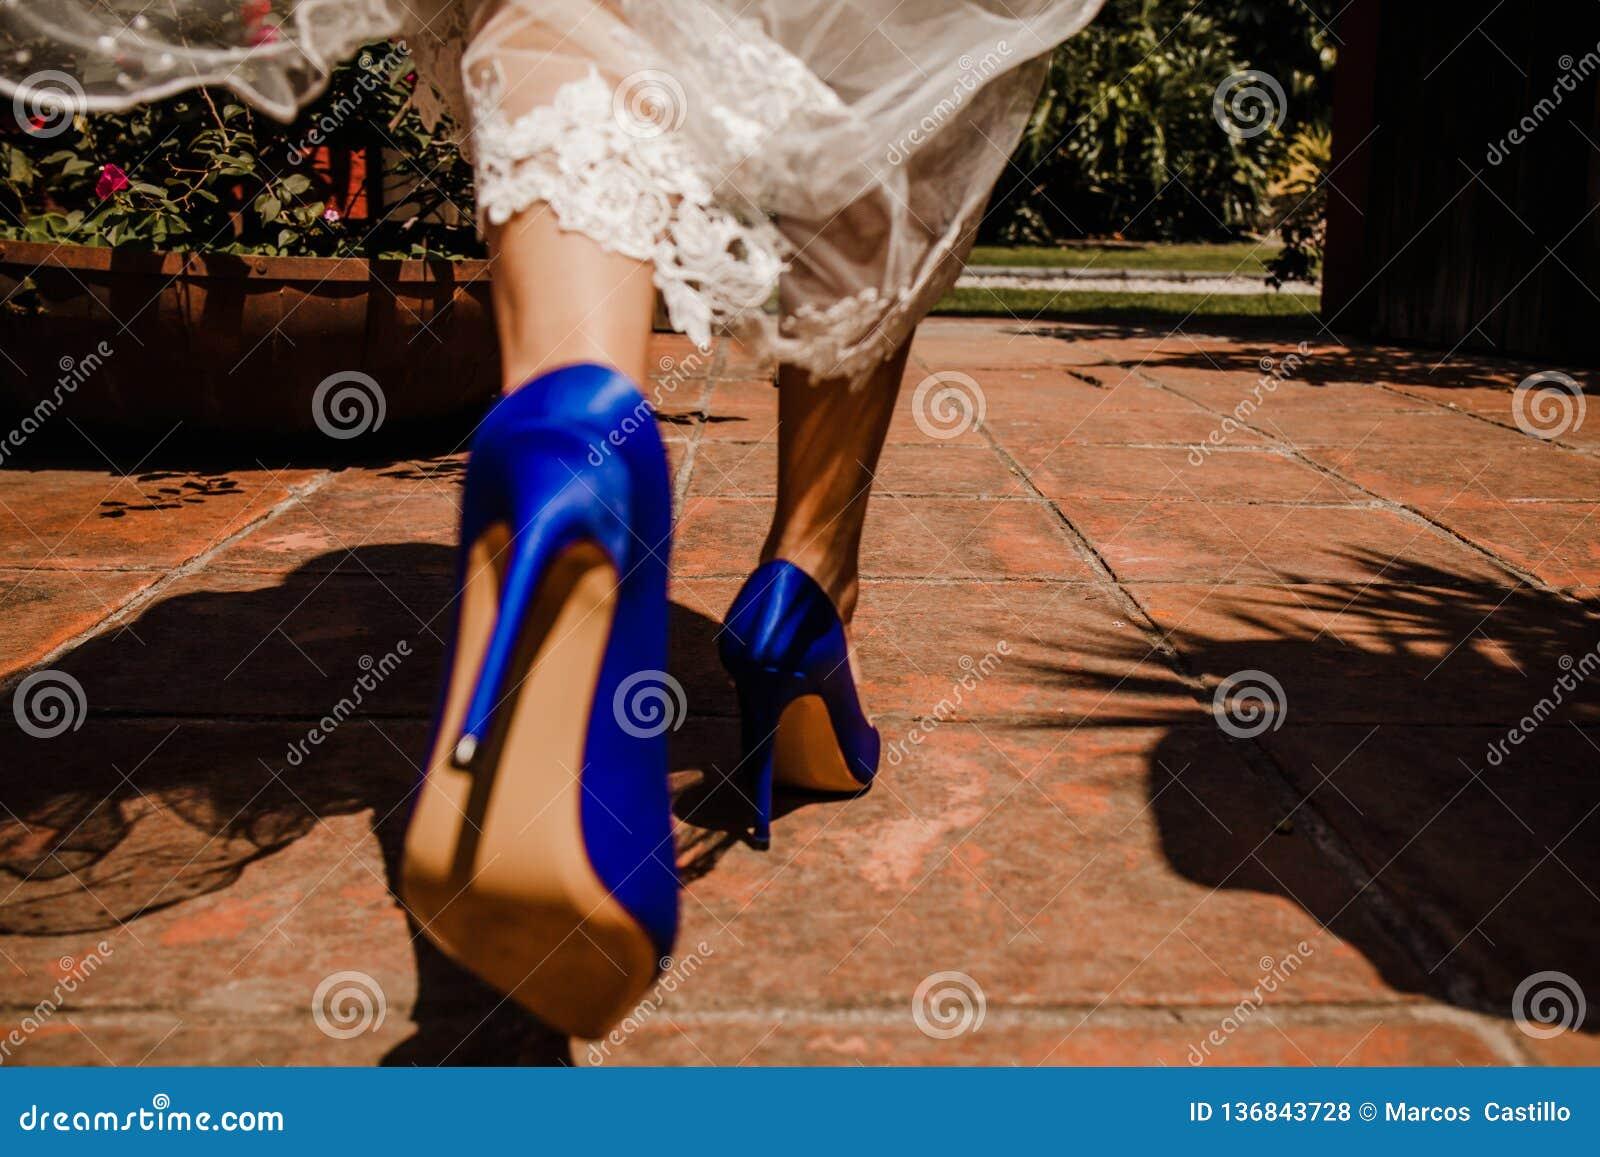 Scarpe Sposa Blu.Sposa Che Cammina Con Le Scarpe Blu Del Tacco Alto Fotografia